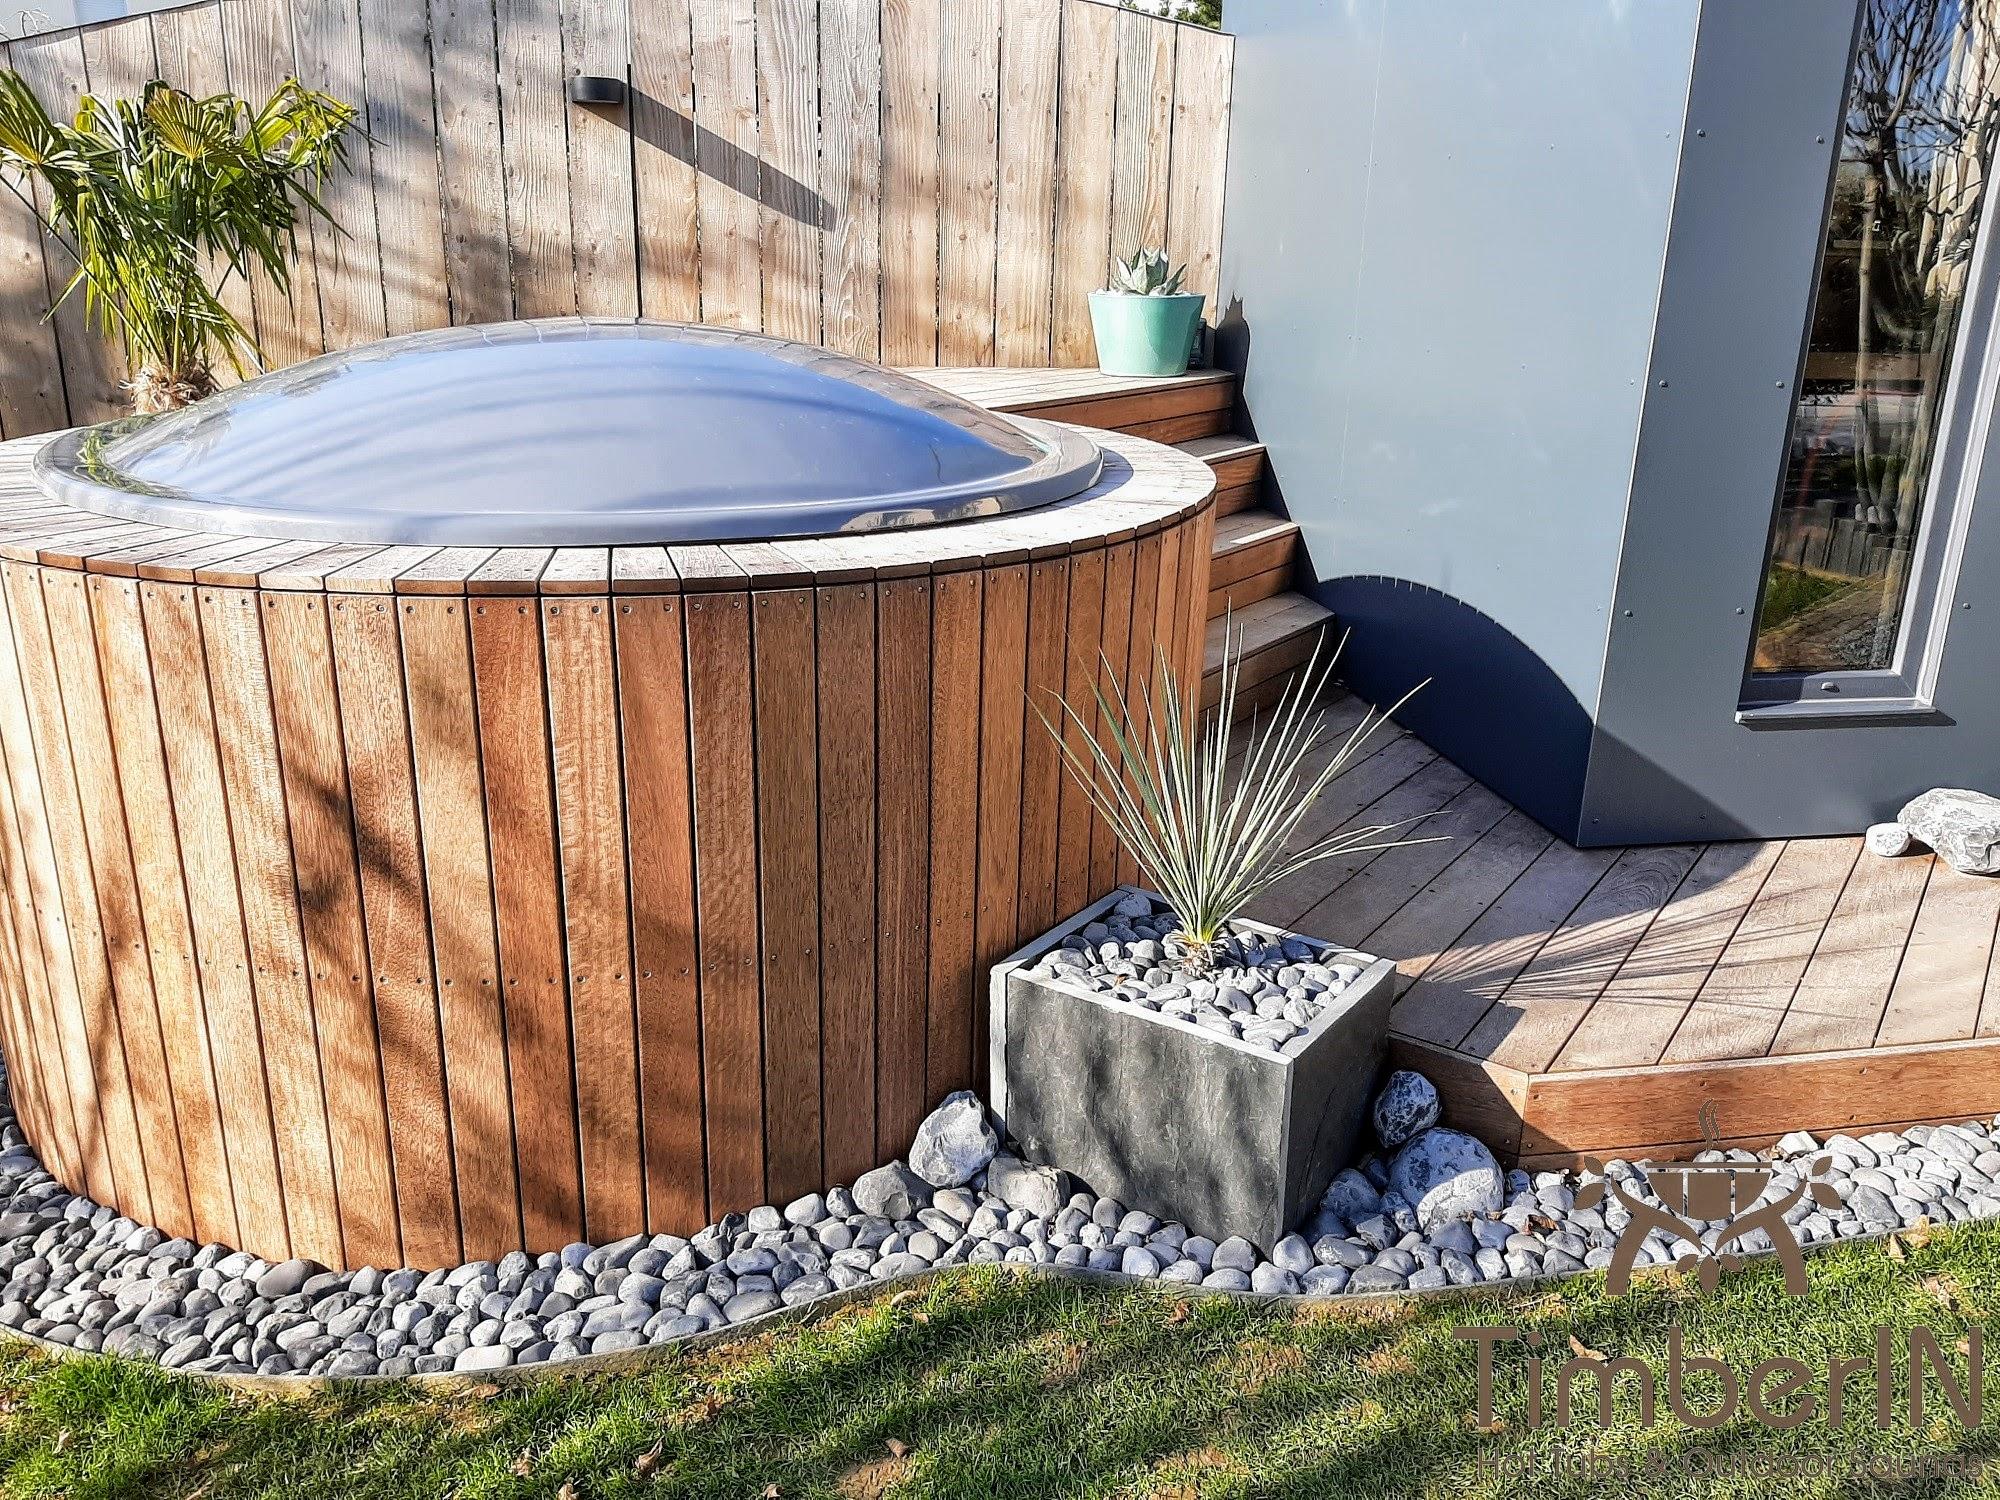 Badezuber Badefass Einbaumodell Einsatz Eingraben Eingelassen 2